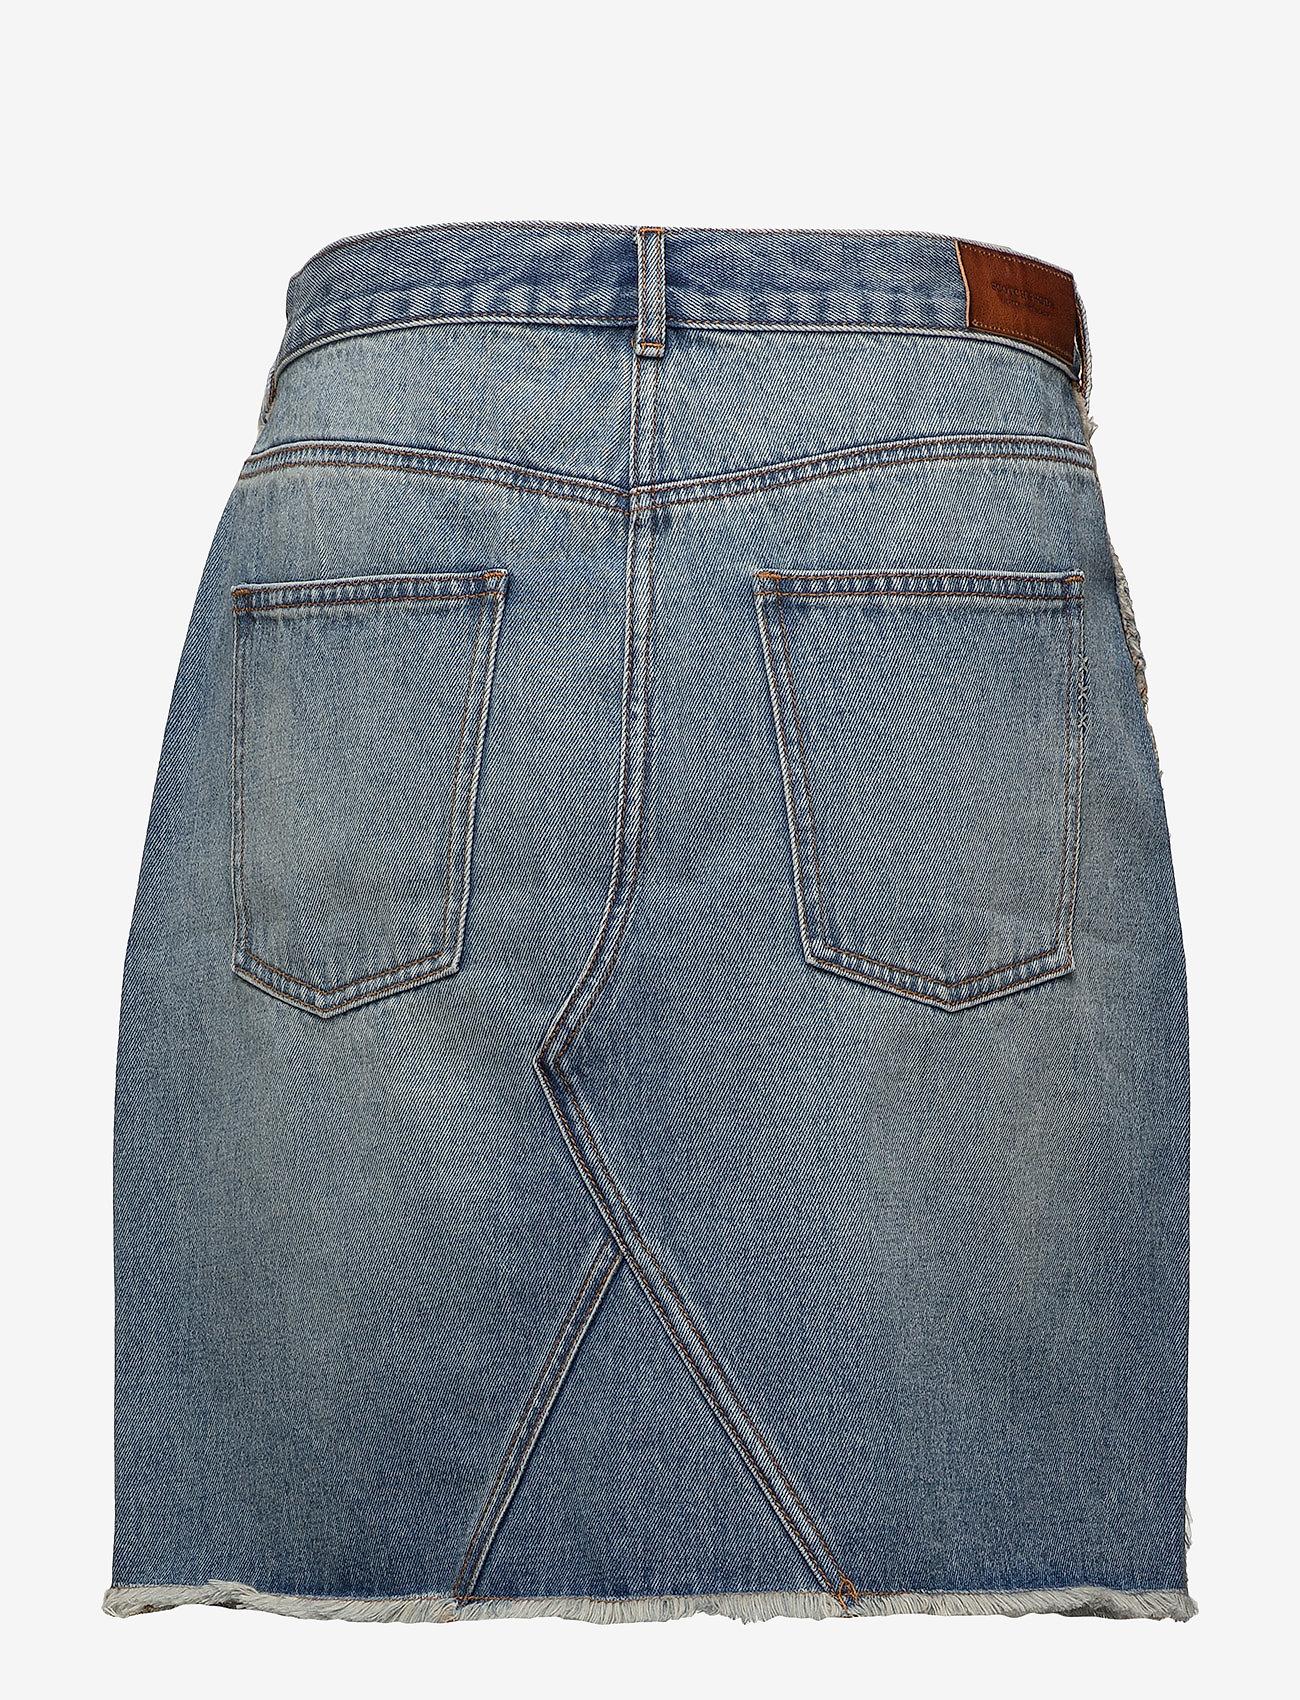 Scotch & Soda - Seasonal Denim Skirt - Customized Blauw - lyhyet - 2098 customized blauw